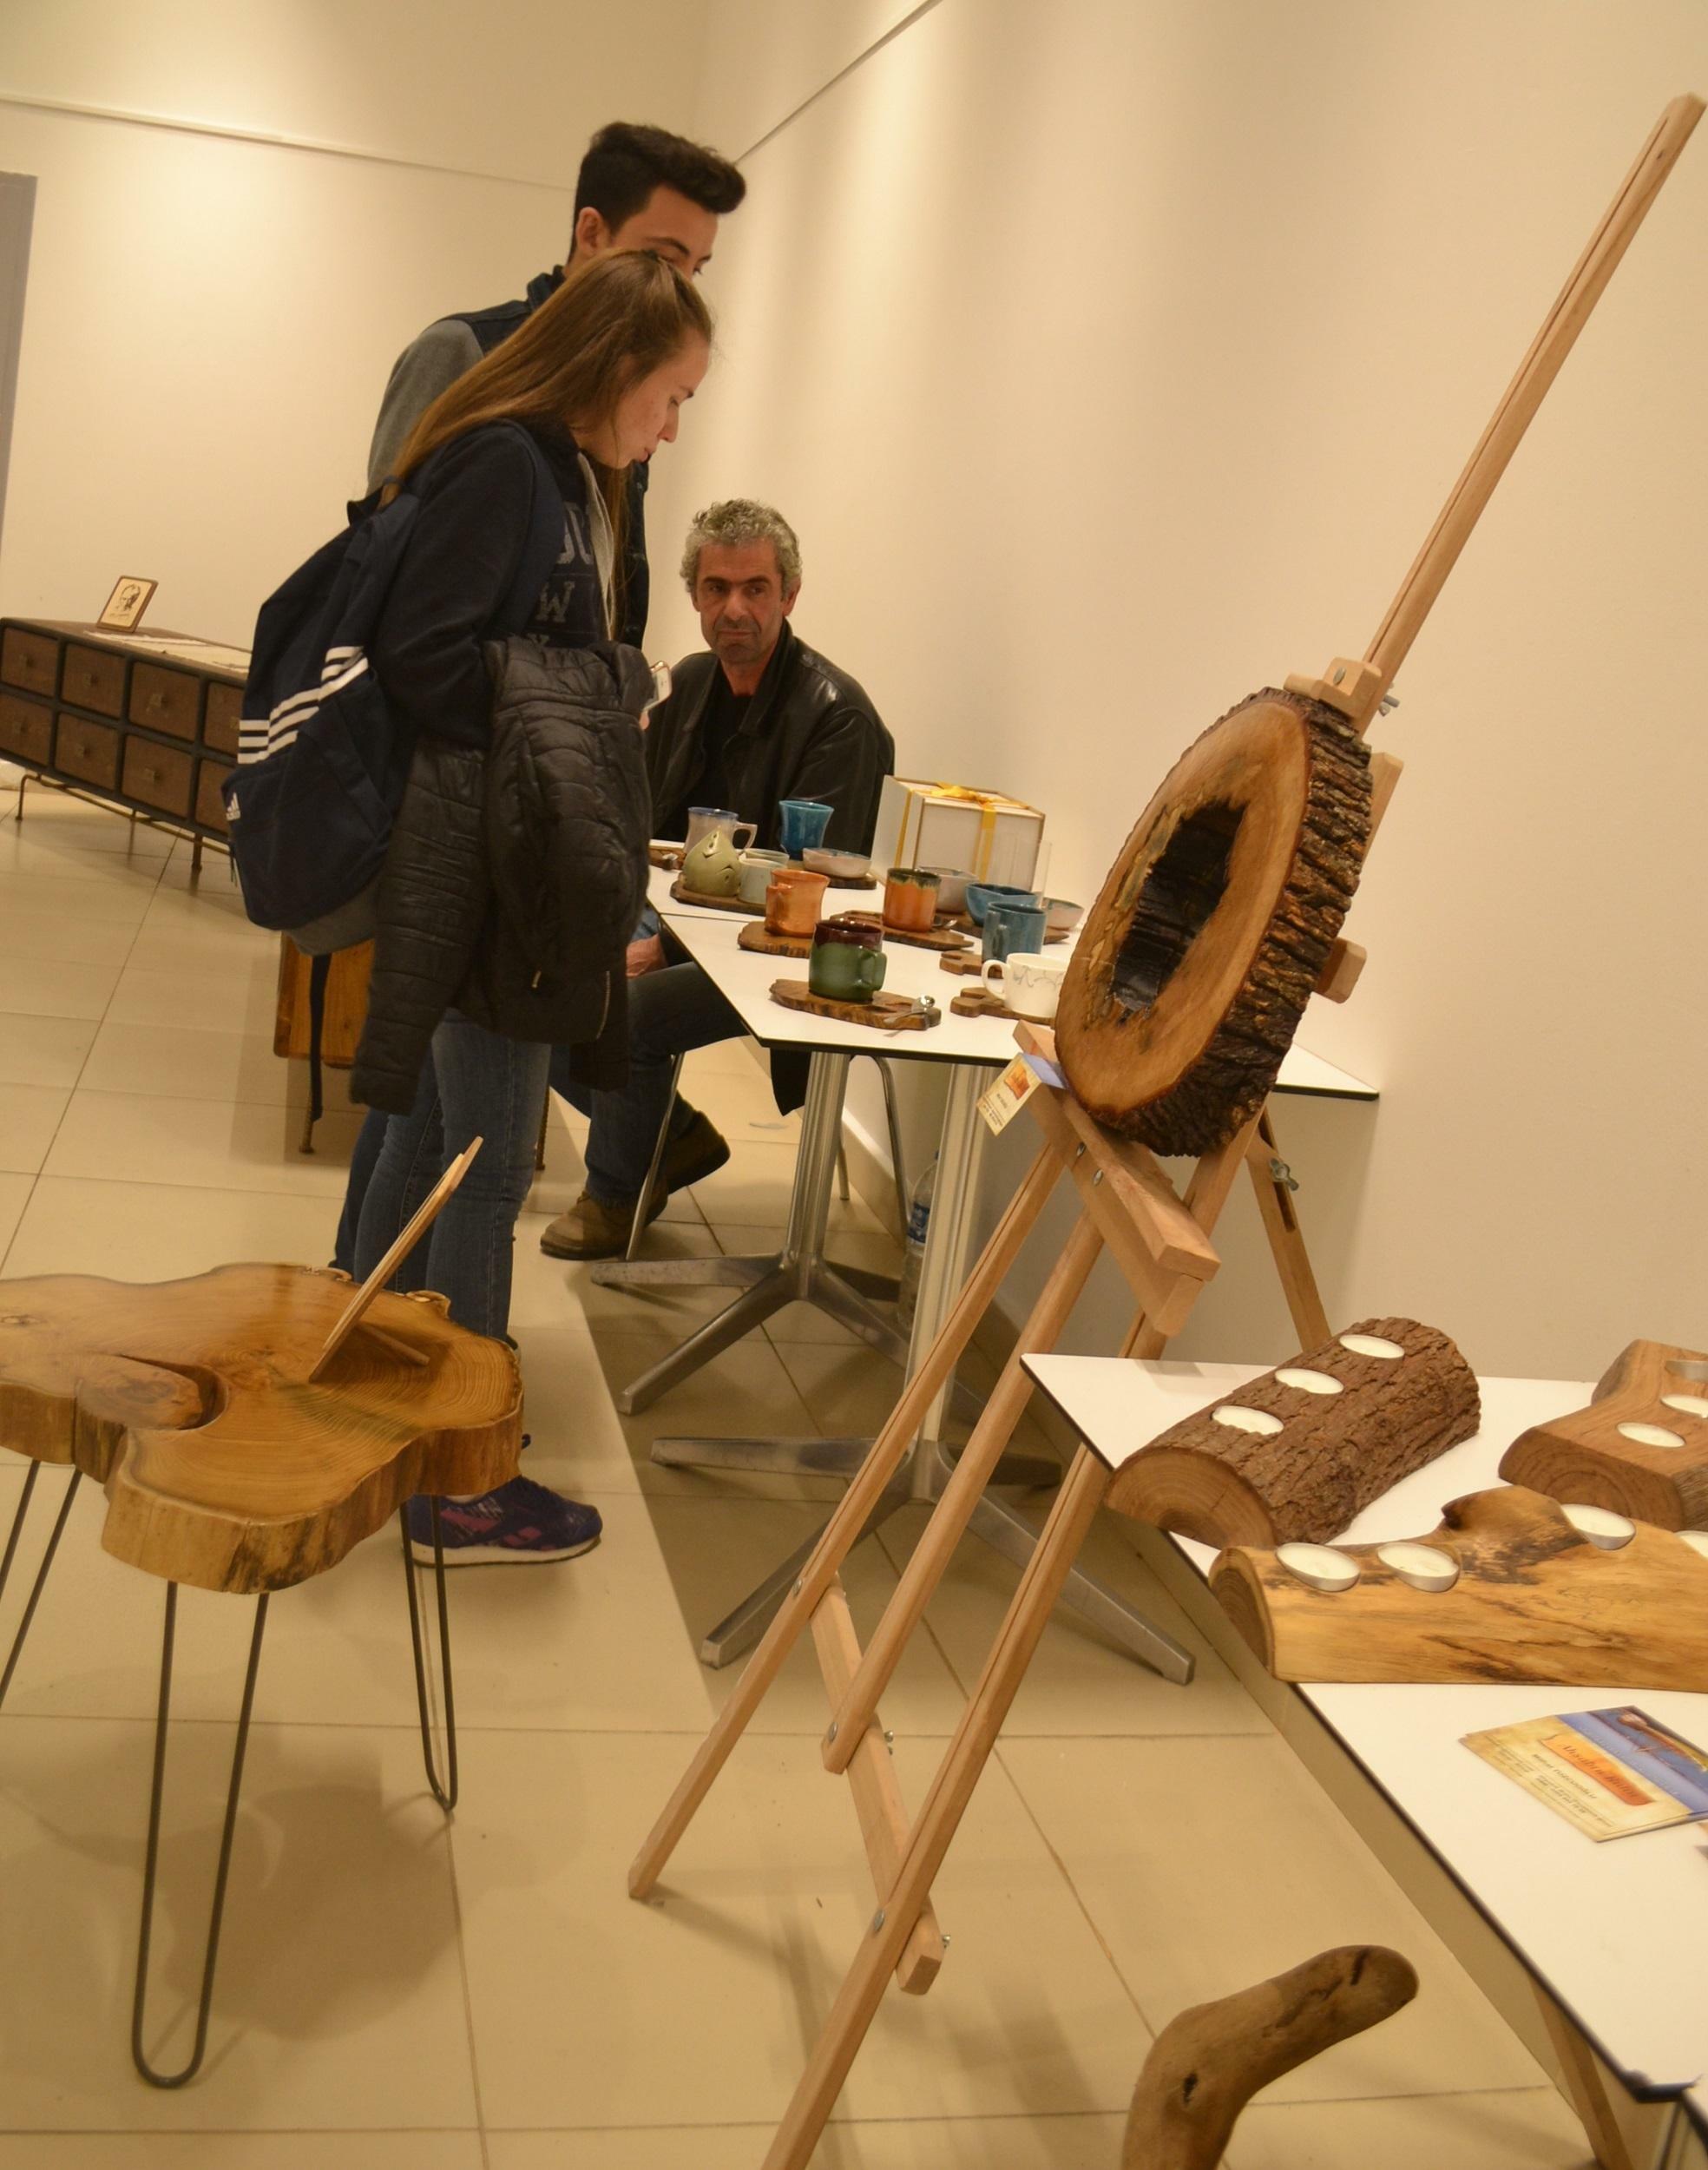 - 3 - Samsun Piazza'dan Unutulan El Sanatlarını Hatırlatacak Sergi